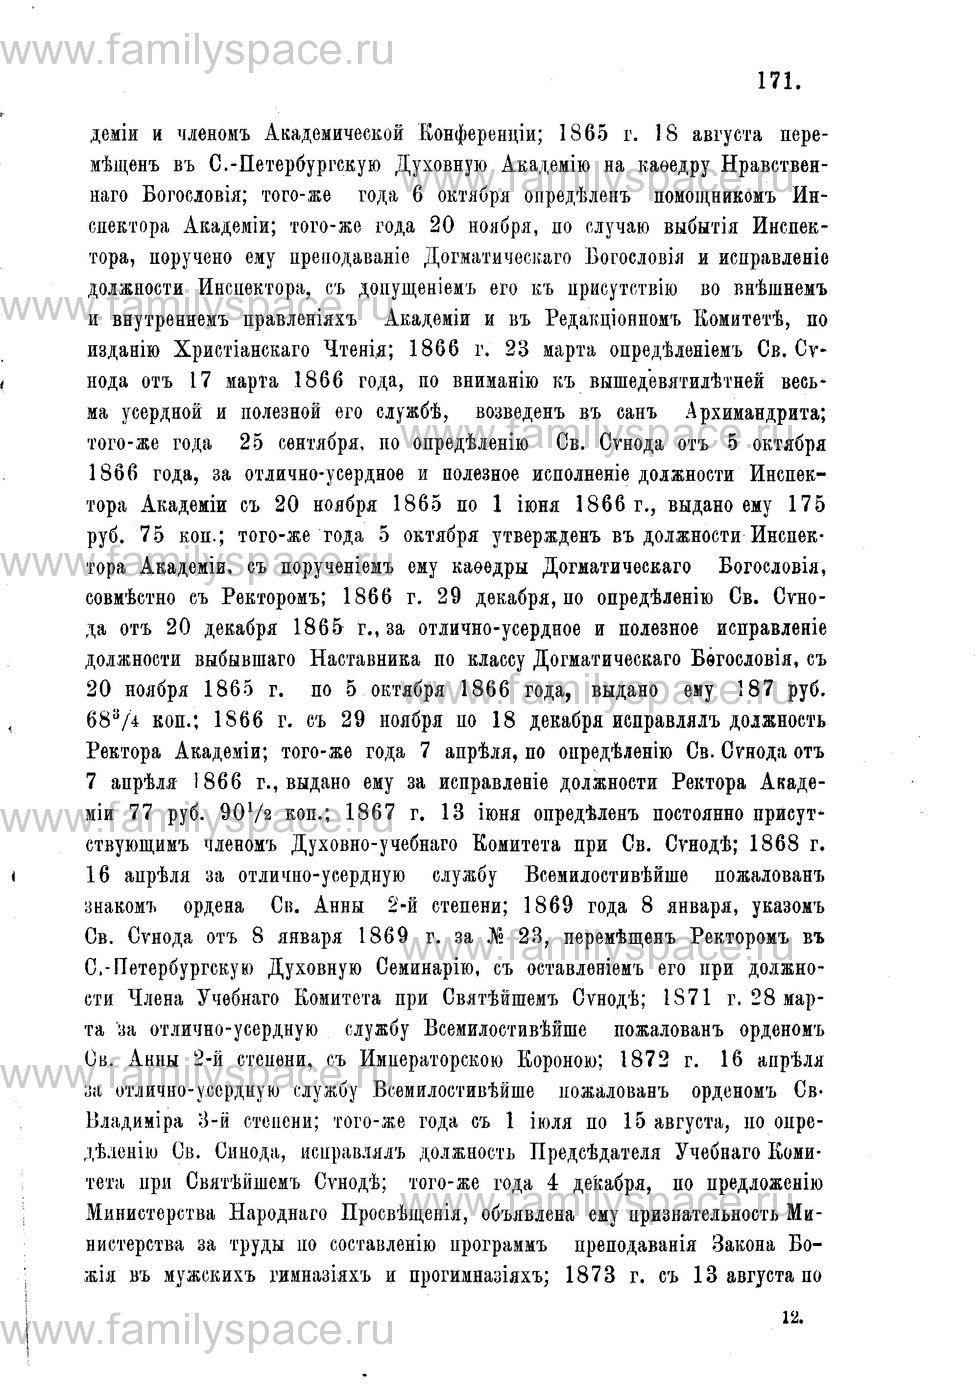 Поиск по фамилии - Адрес-календарь Нижегородской епархии на 1888 год, страница 1171